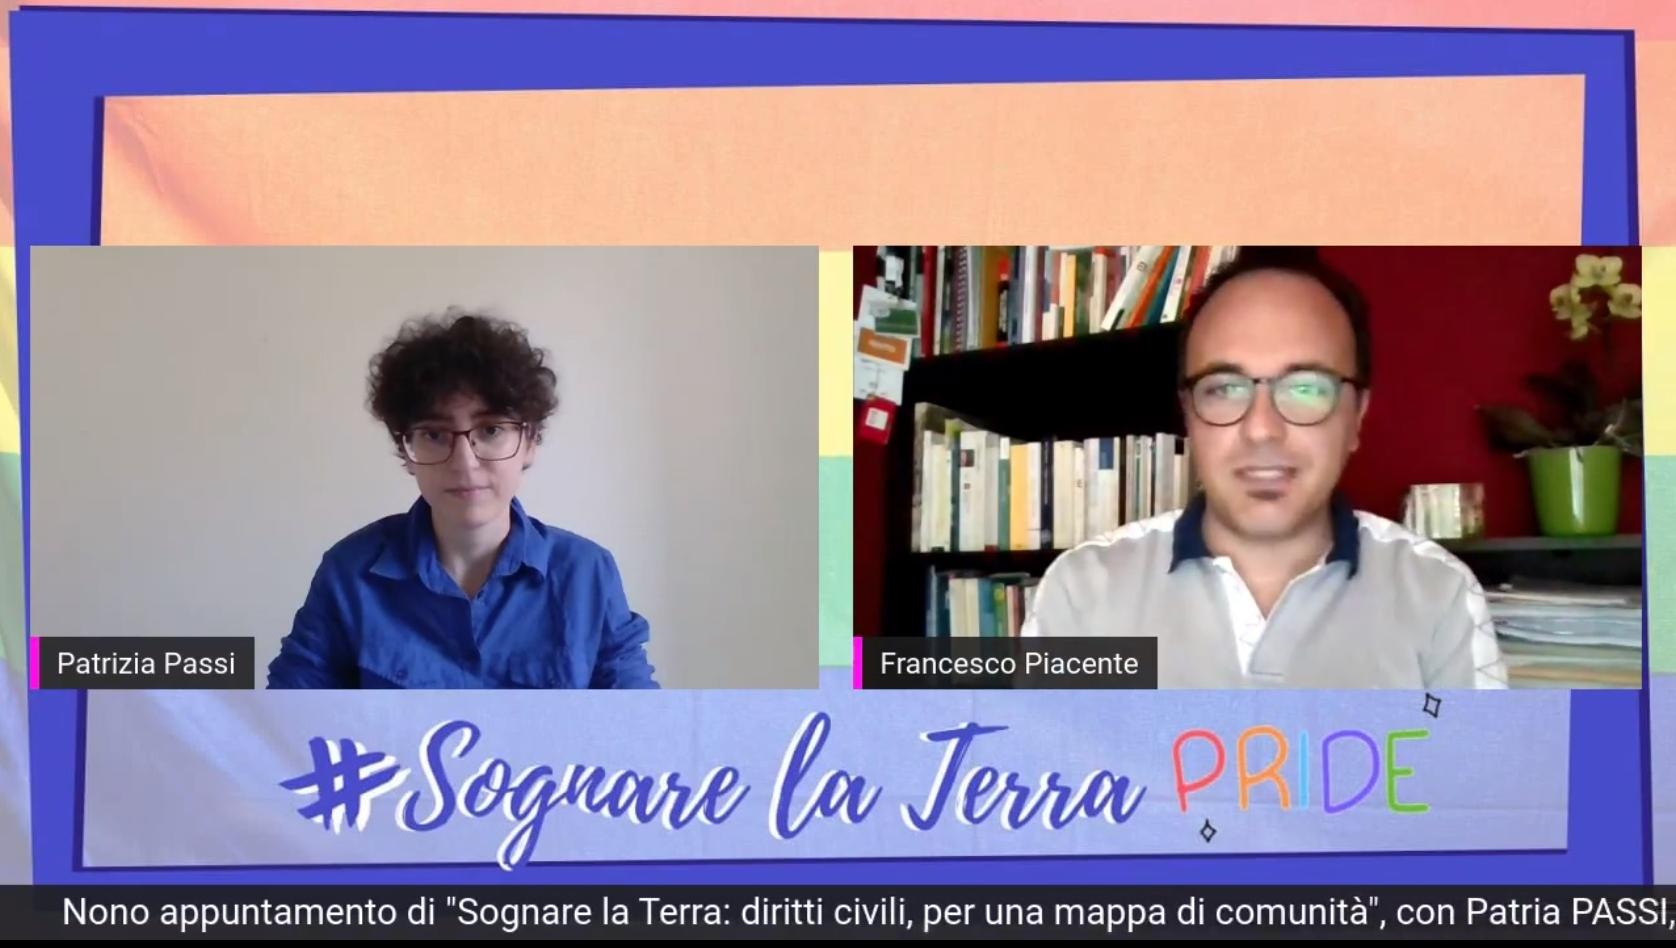 Diritti civili, amore e felicità: con Sognare la Terra Francesco Piacente (Pd) omaggia il primo pride in Abruzzo